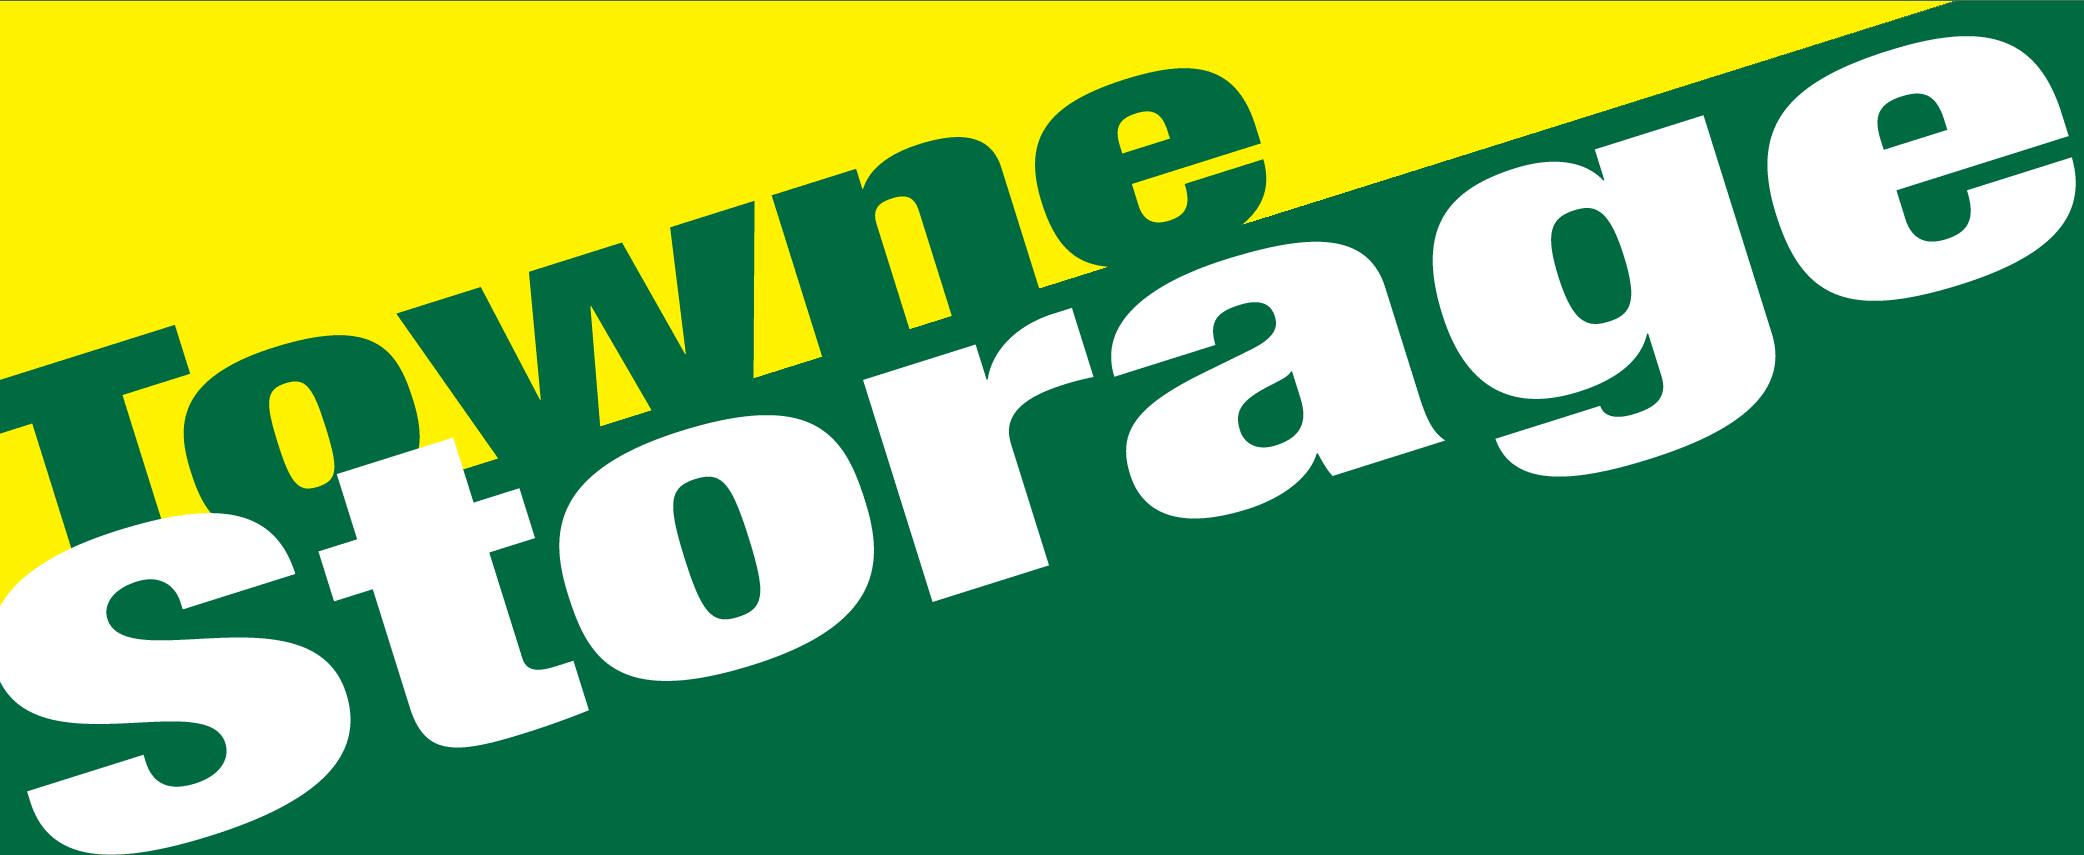 Towne Storage - Deer Springs logo